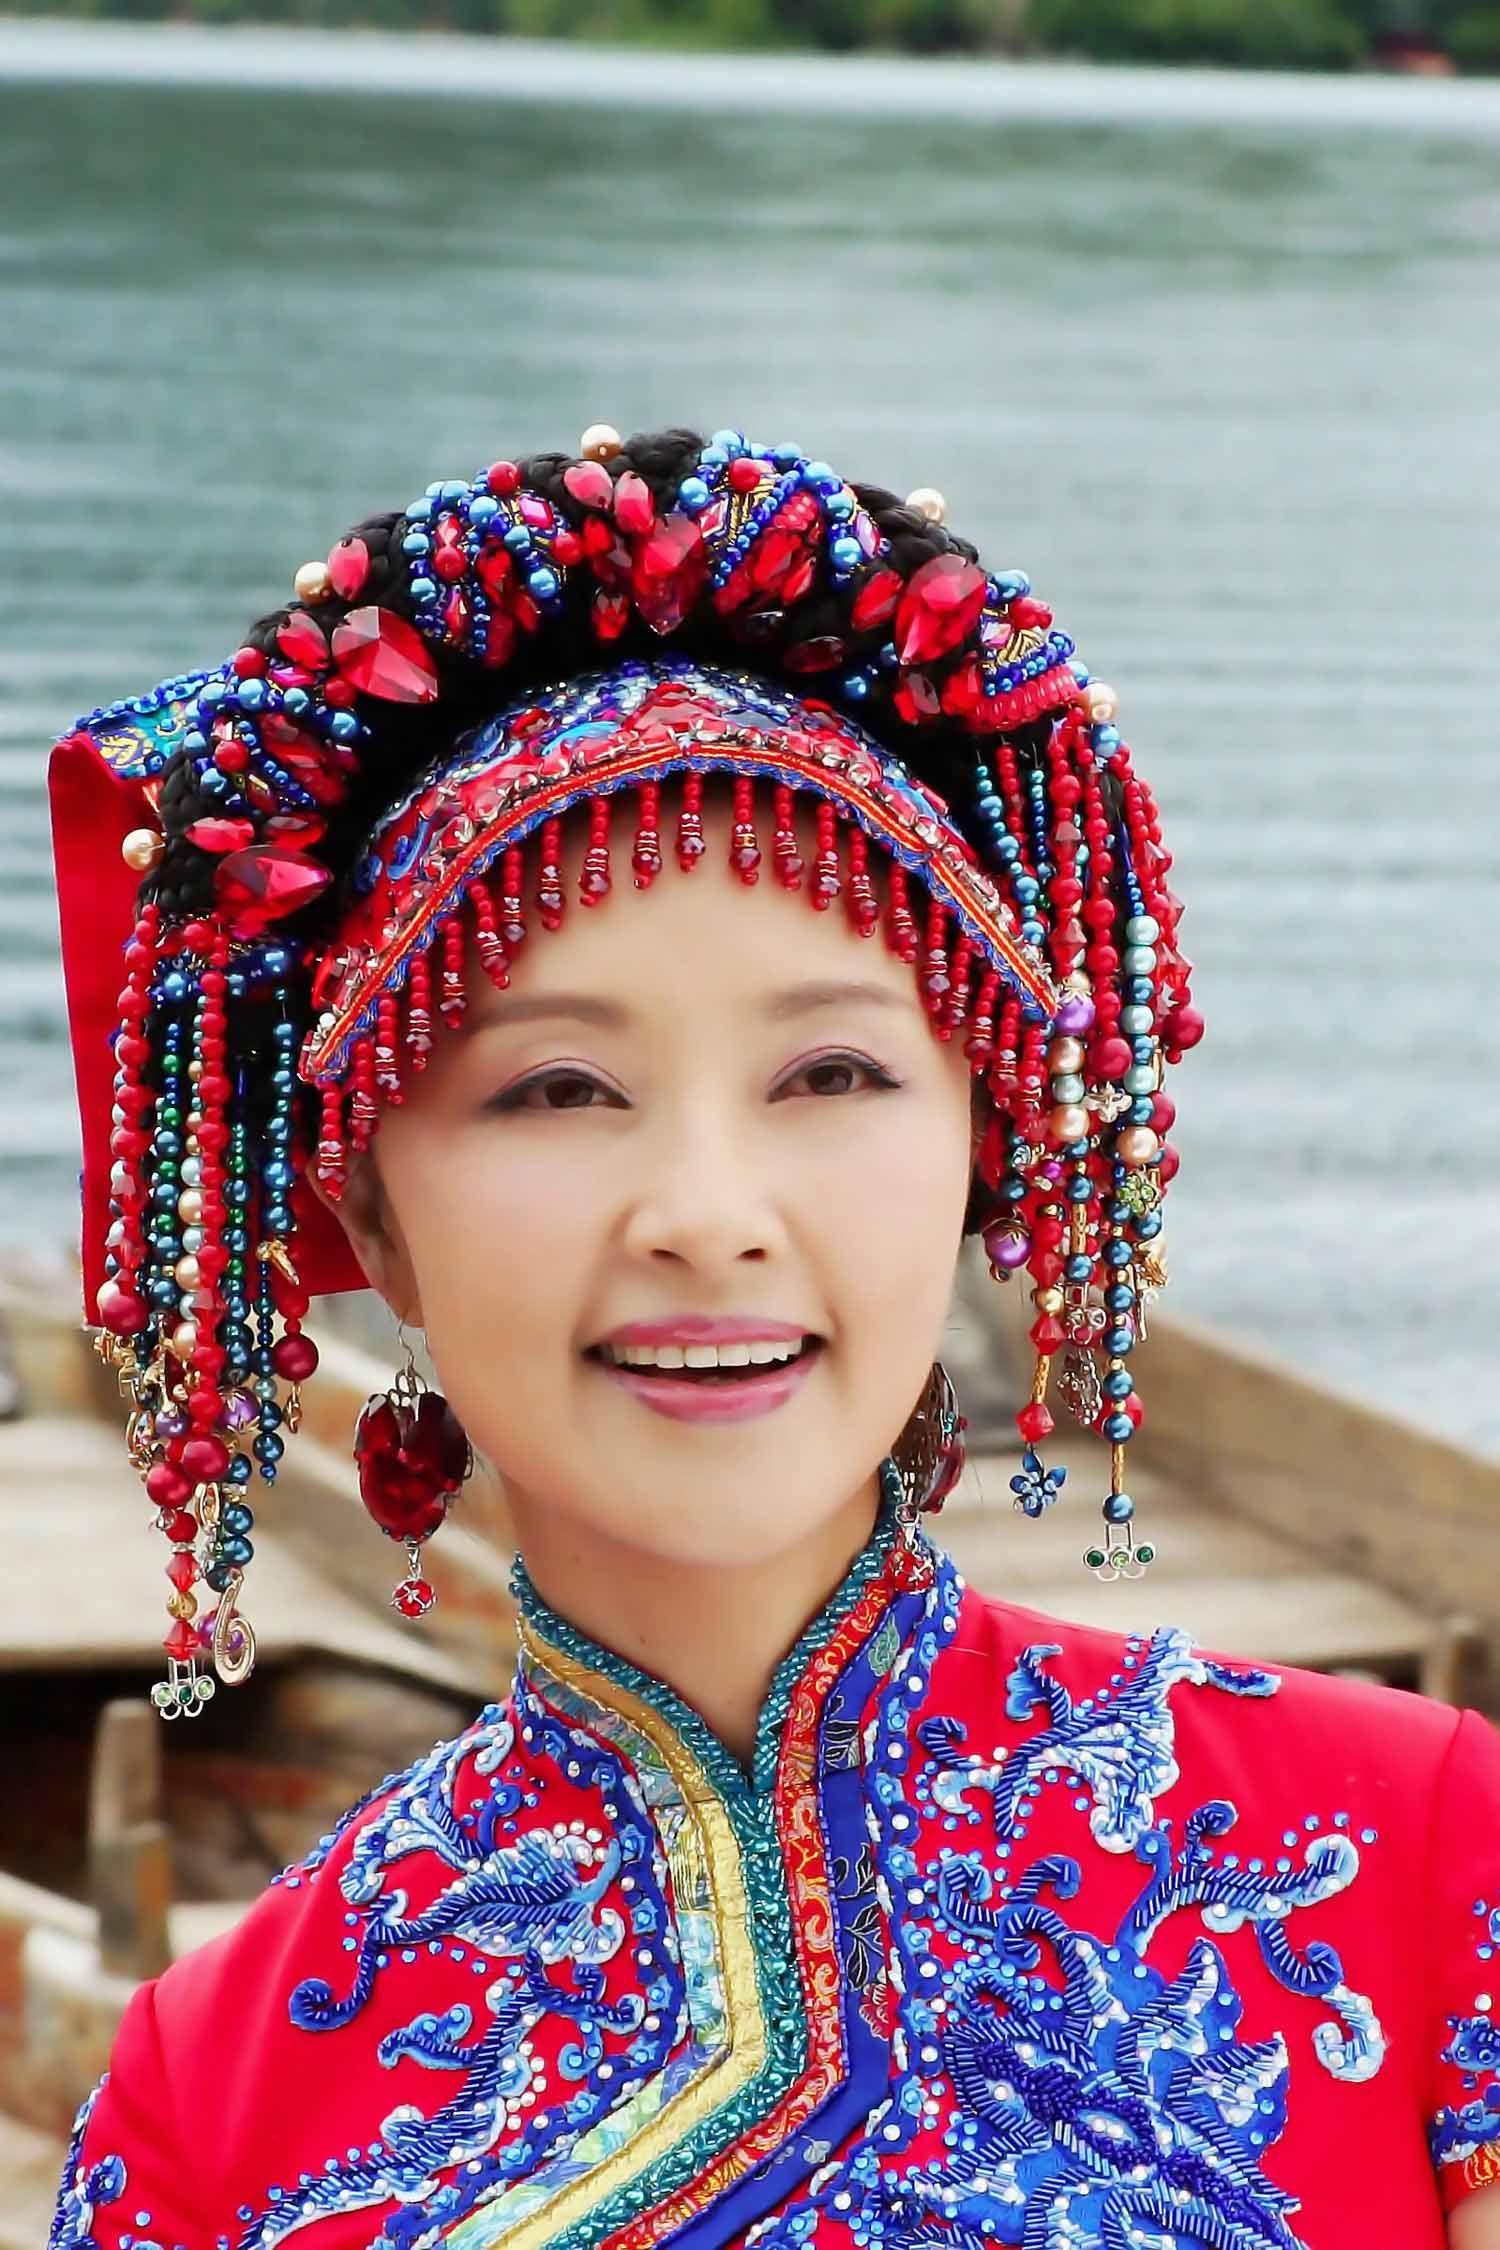 Kennenlernen chinesisch